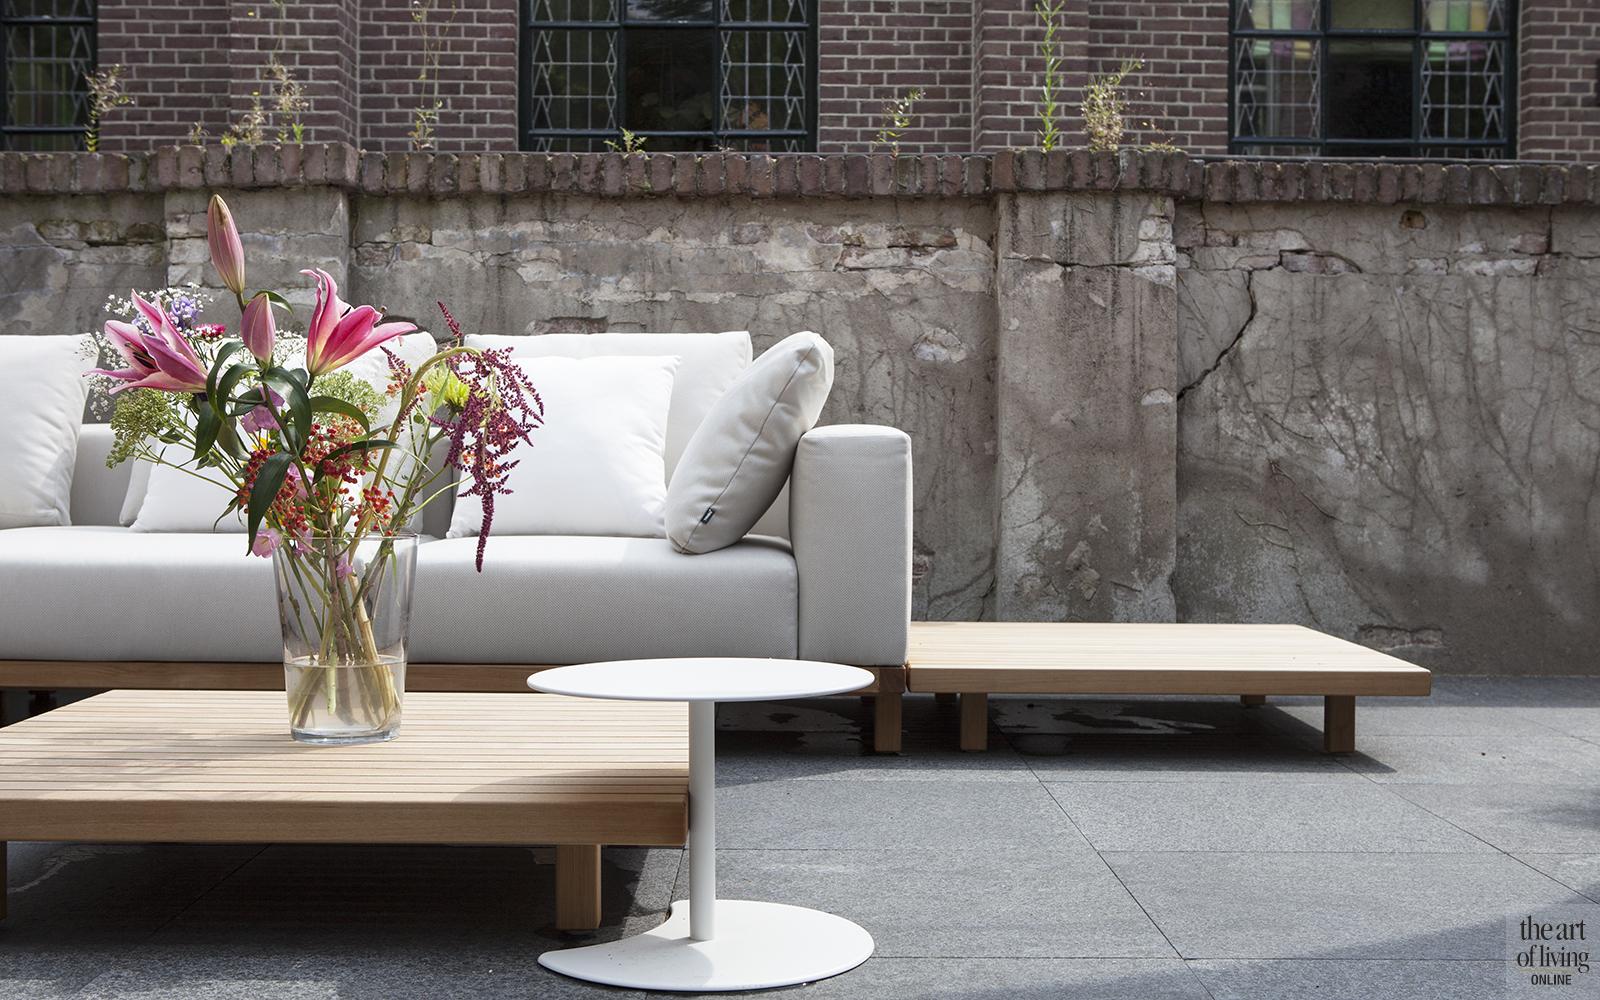 Natuurlijke kleuren, Remy Meijers, Exterieur, lounge, tuinmeubelen, tuindesign